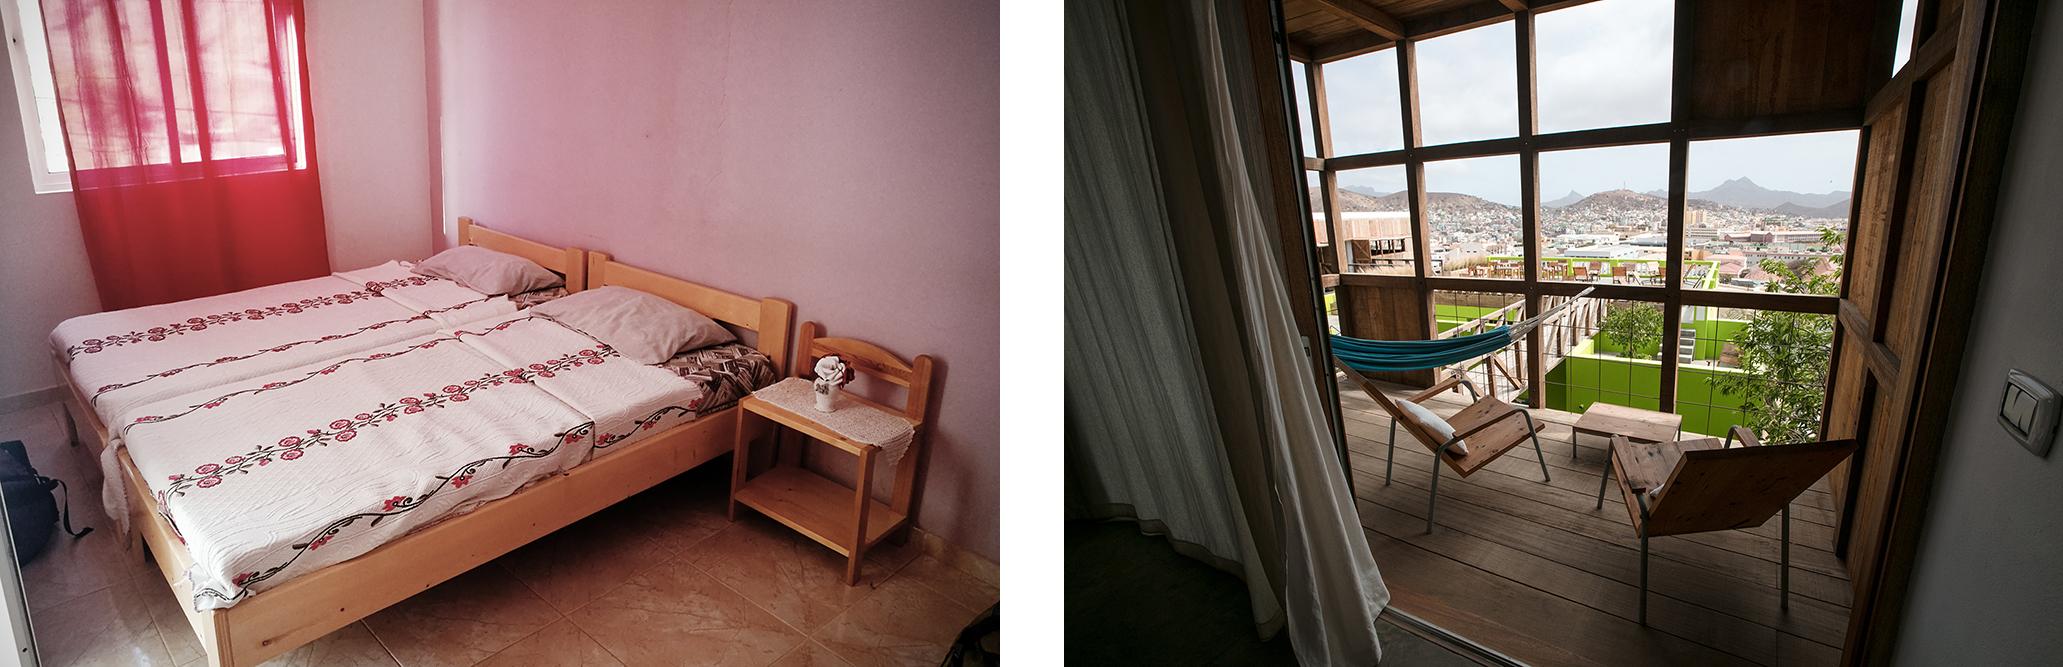 où dormir au Cap Vert